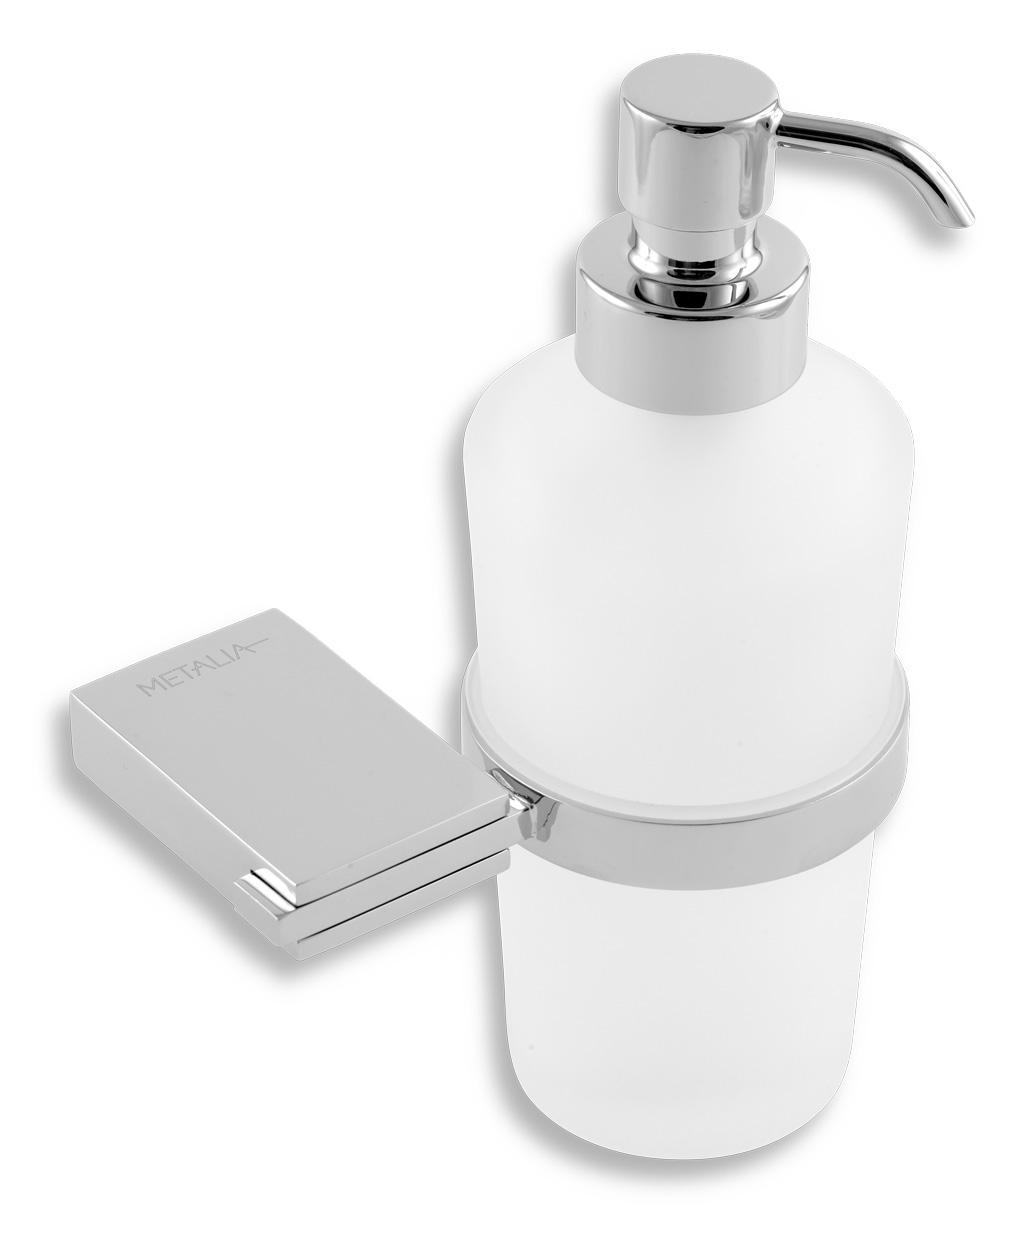 Dávkovač mýdla Metalia 9 chrom